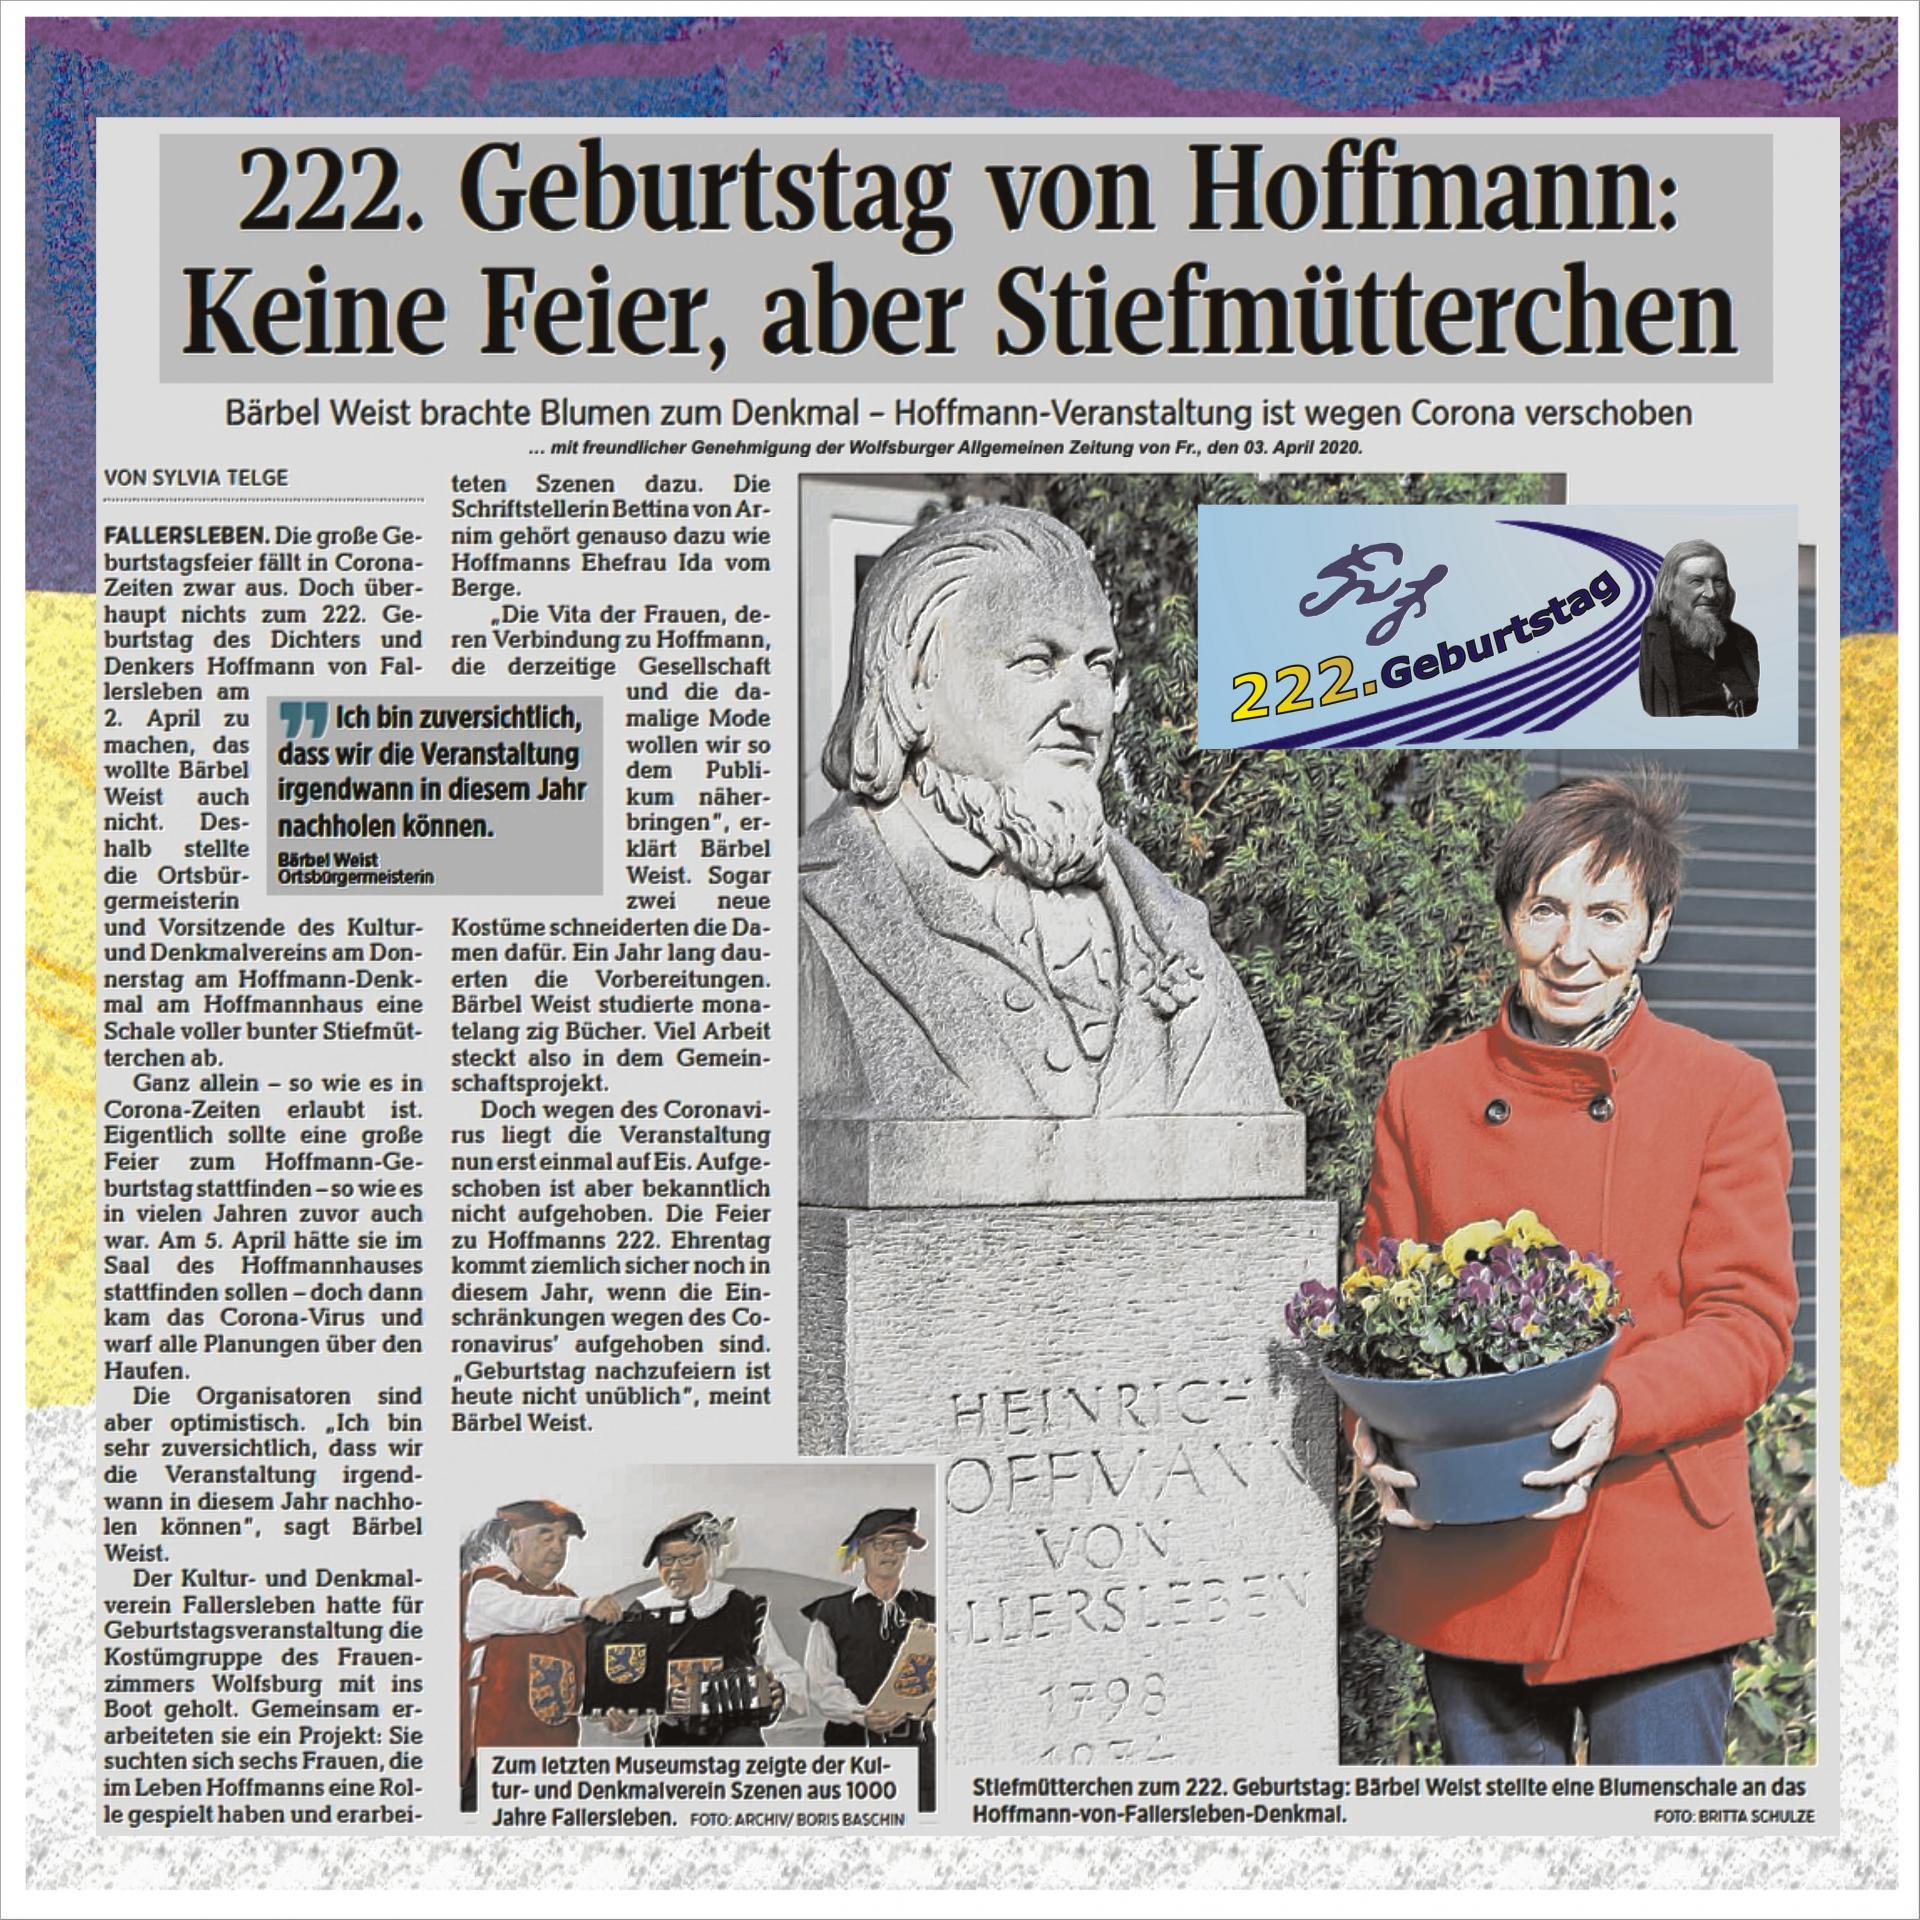 Absage 222.Geburtstagsfeier von Hoffmann von Fallersleben